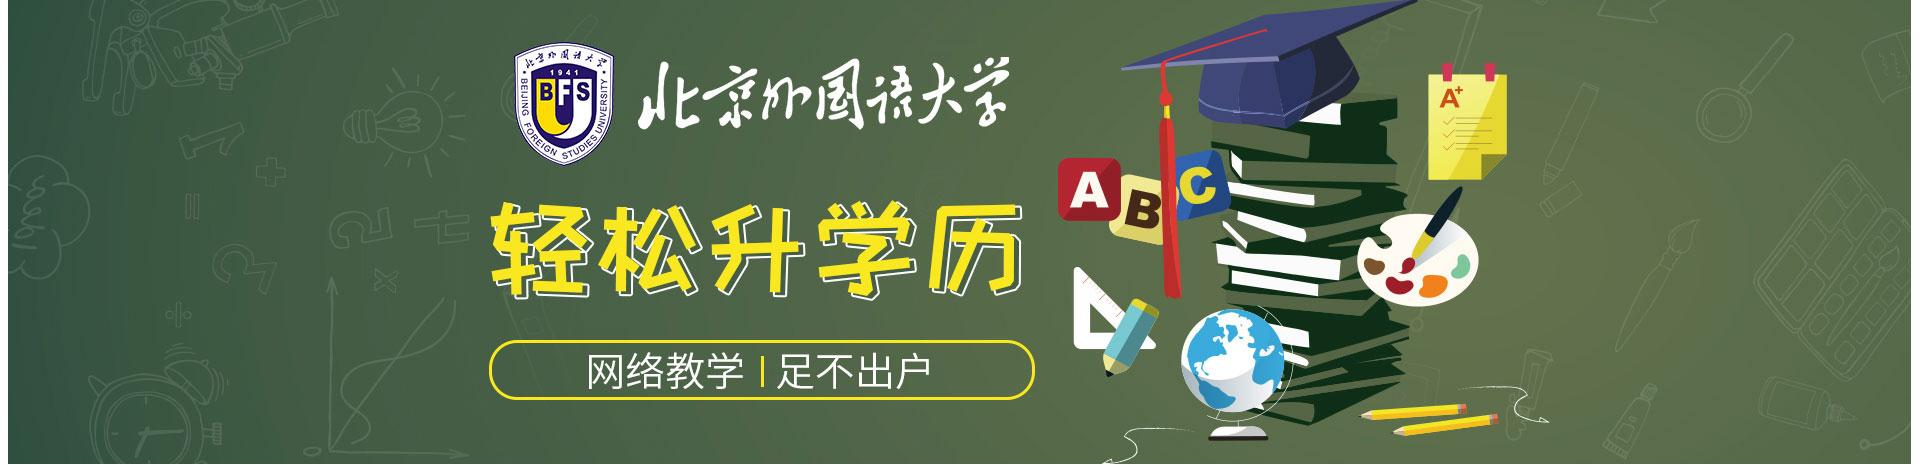 北京外国语大学网络学院(天津中心)